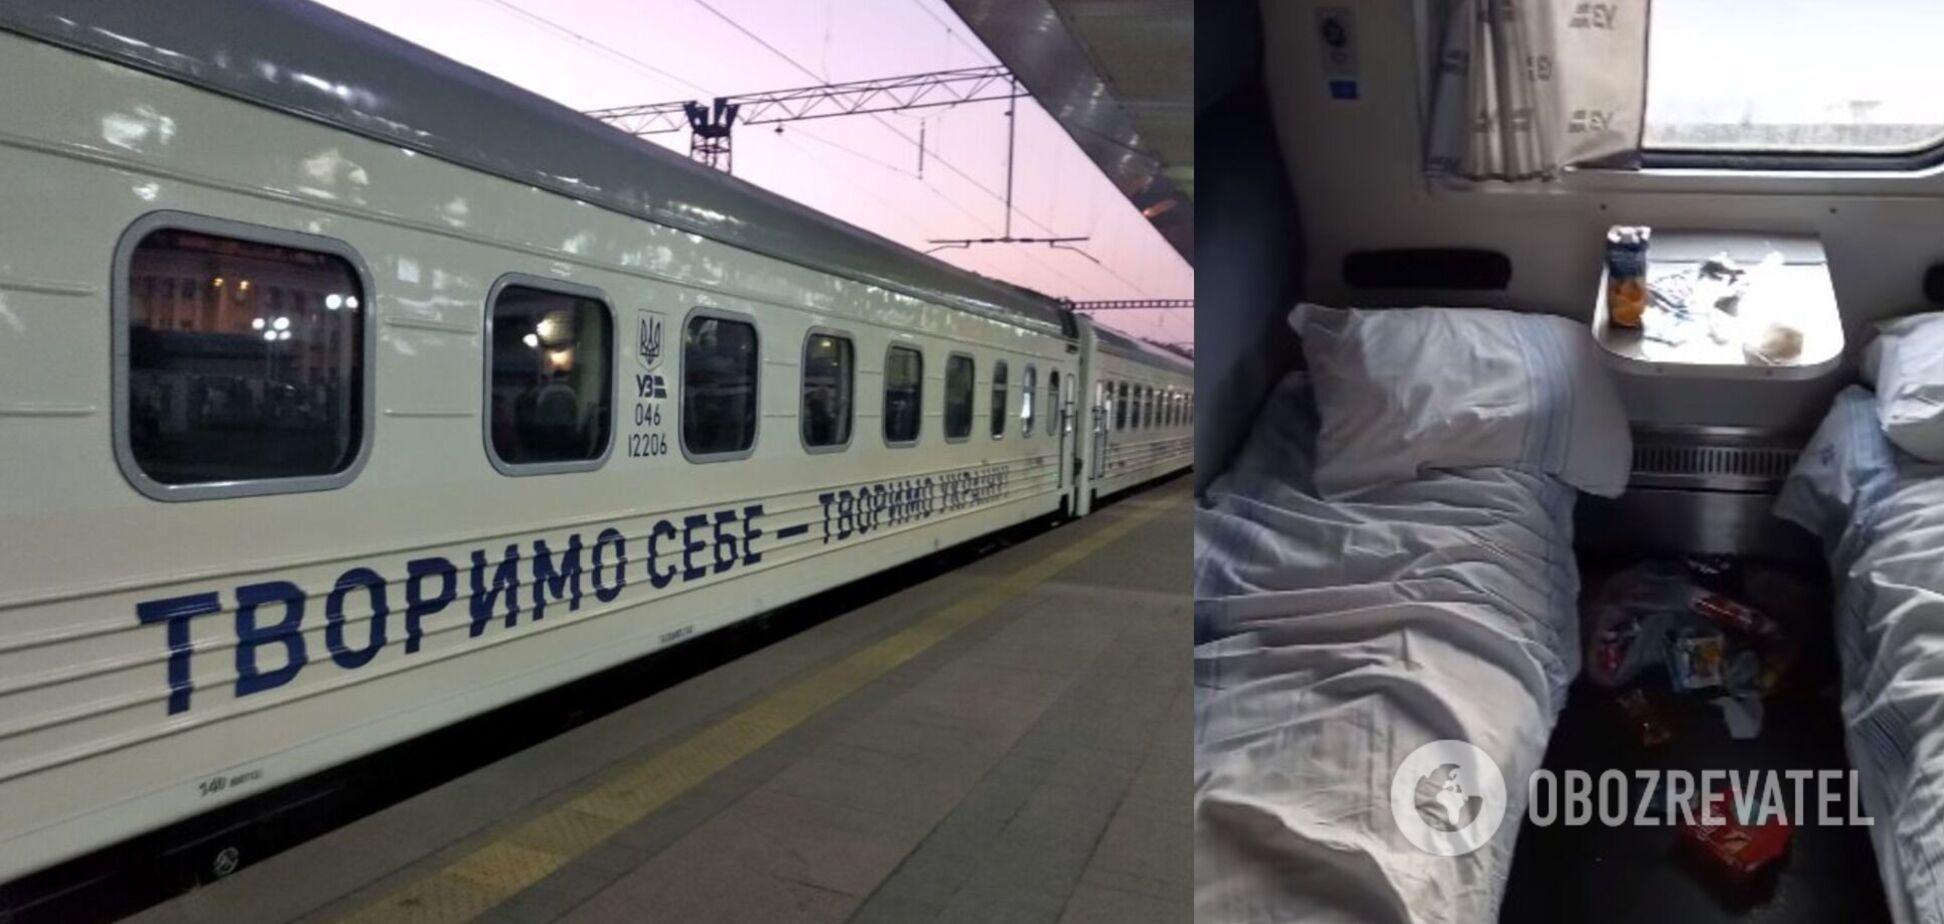 Юные спортсмены 'разгромили' вагон 'Укрзалізниці': в сеть попало видео